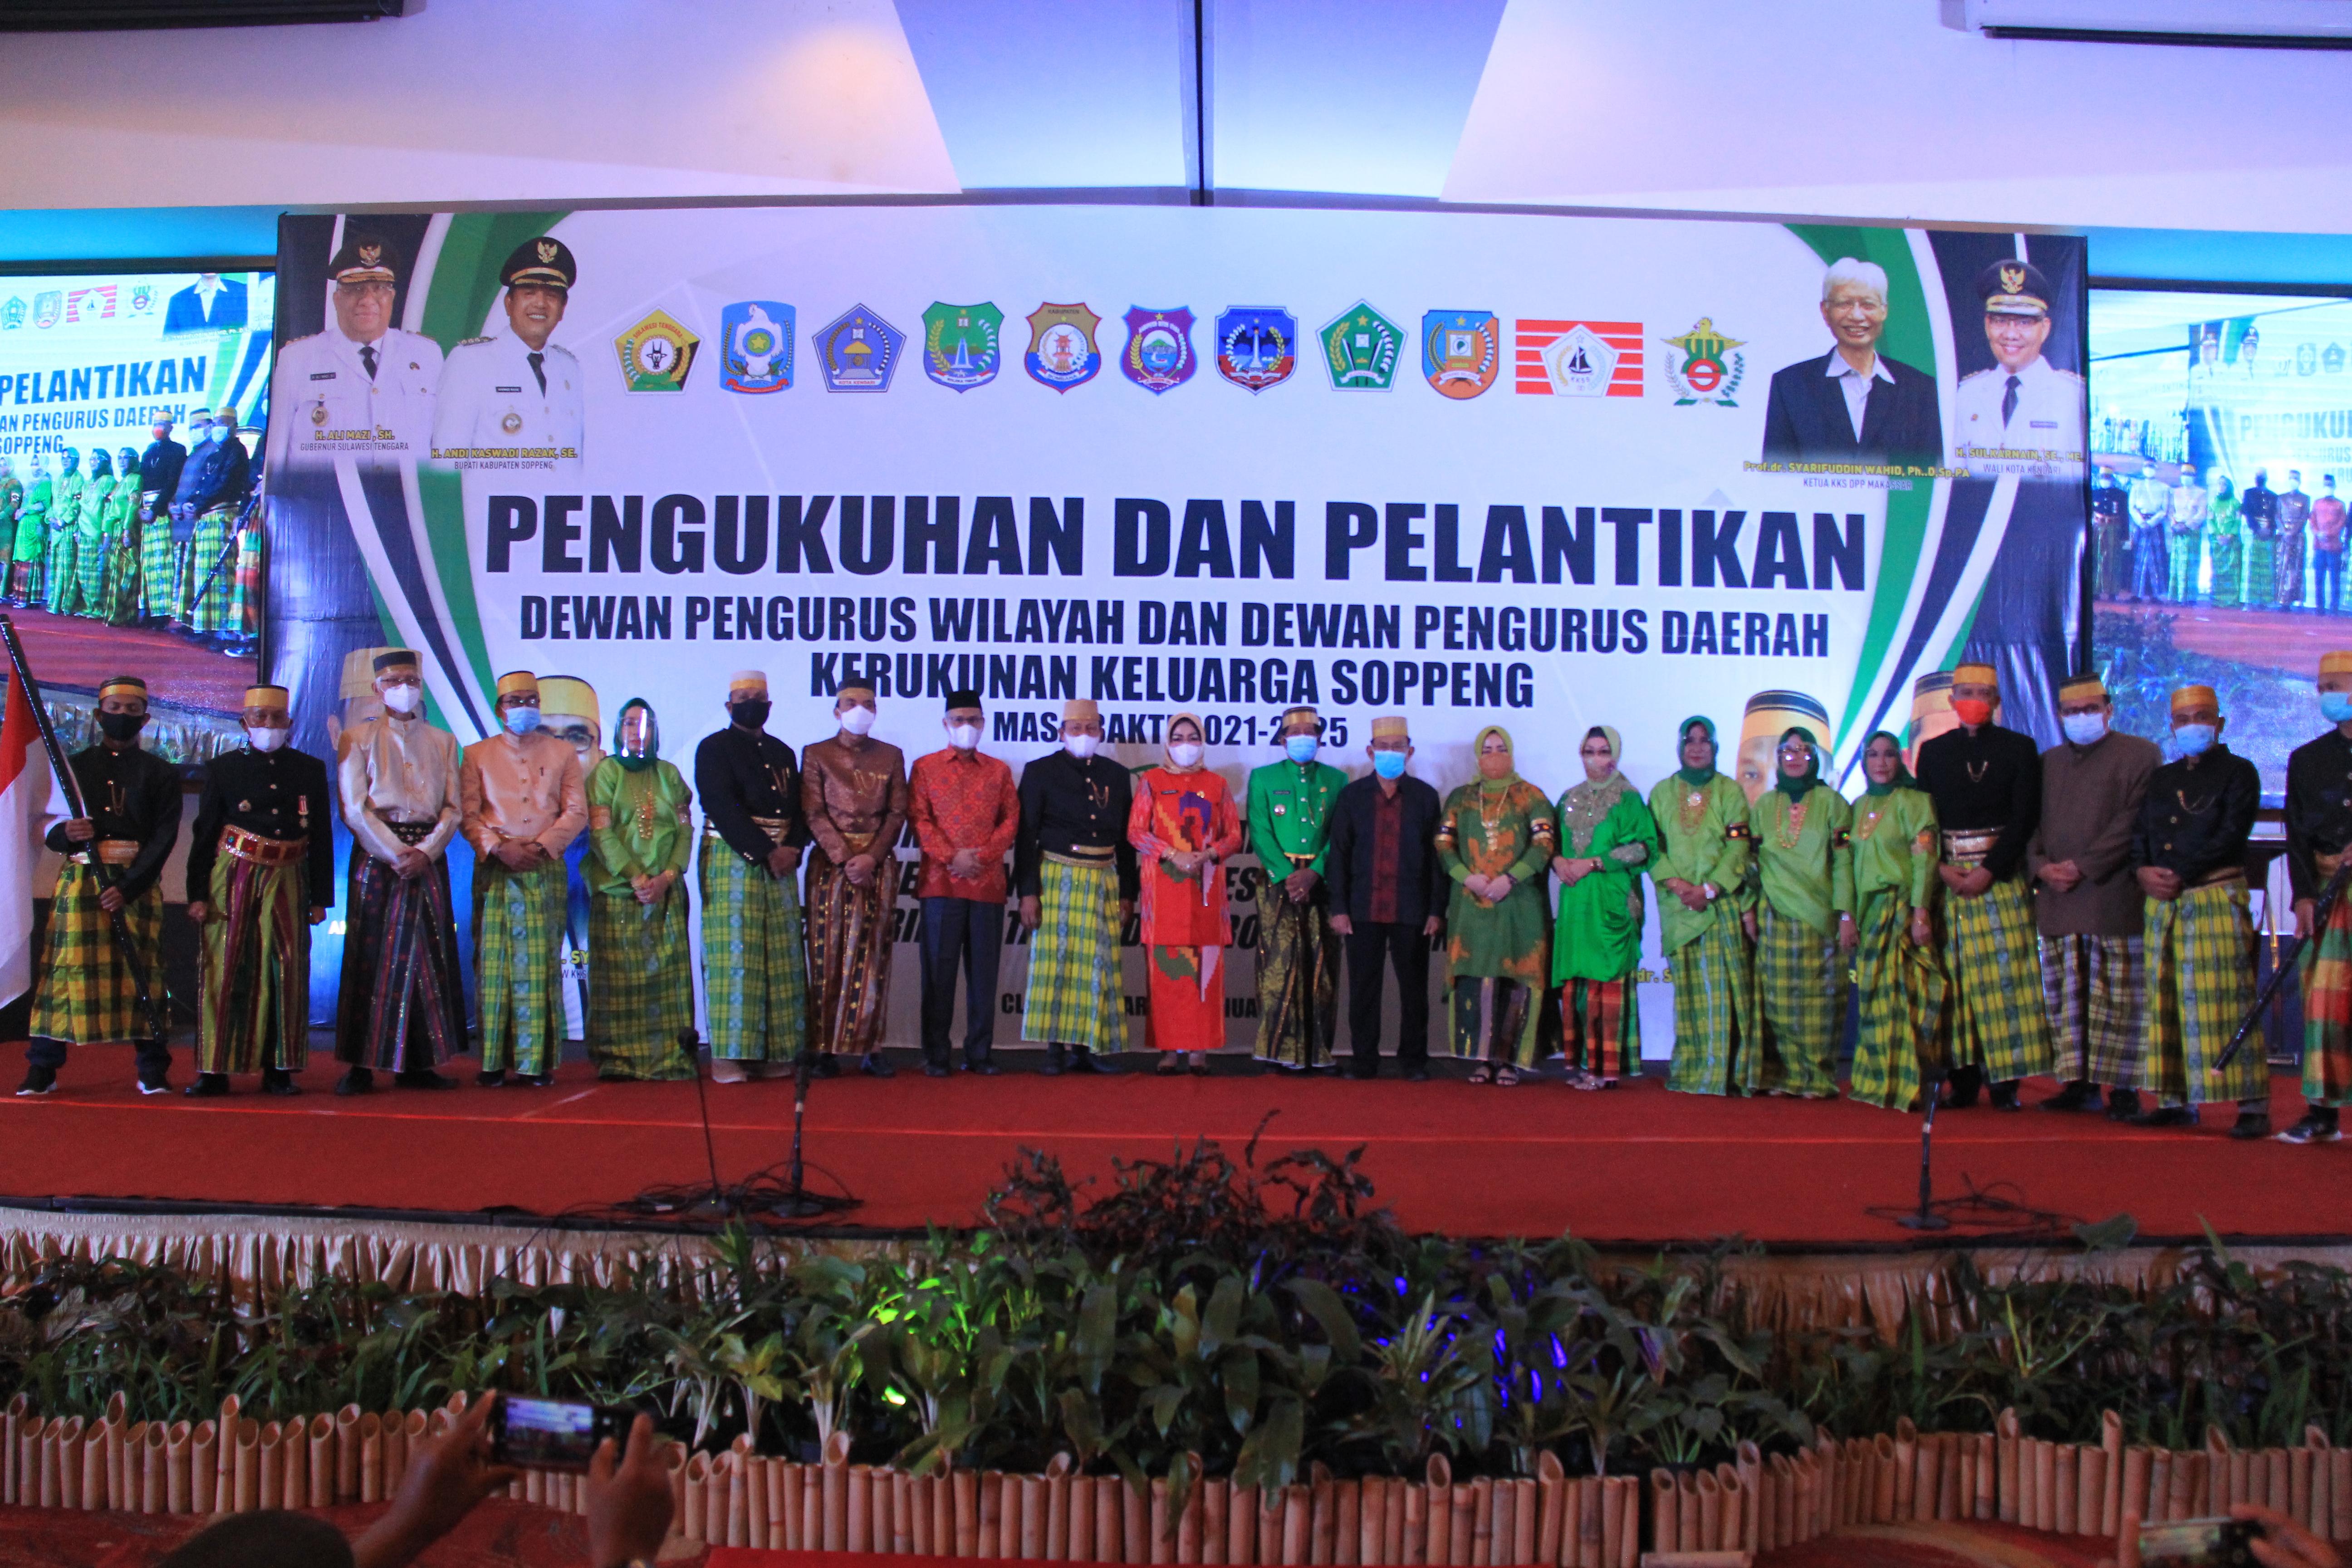 `Sitiroang Deceng Tessitiroang Jaa, Siiwata Menre Tessirui Noo`, KKS Siap Berkontribusi  Dalam Pembangunan Sultra